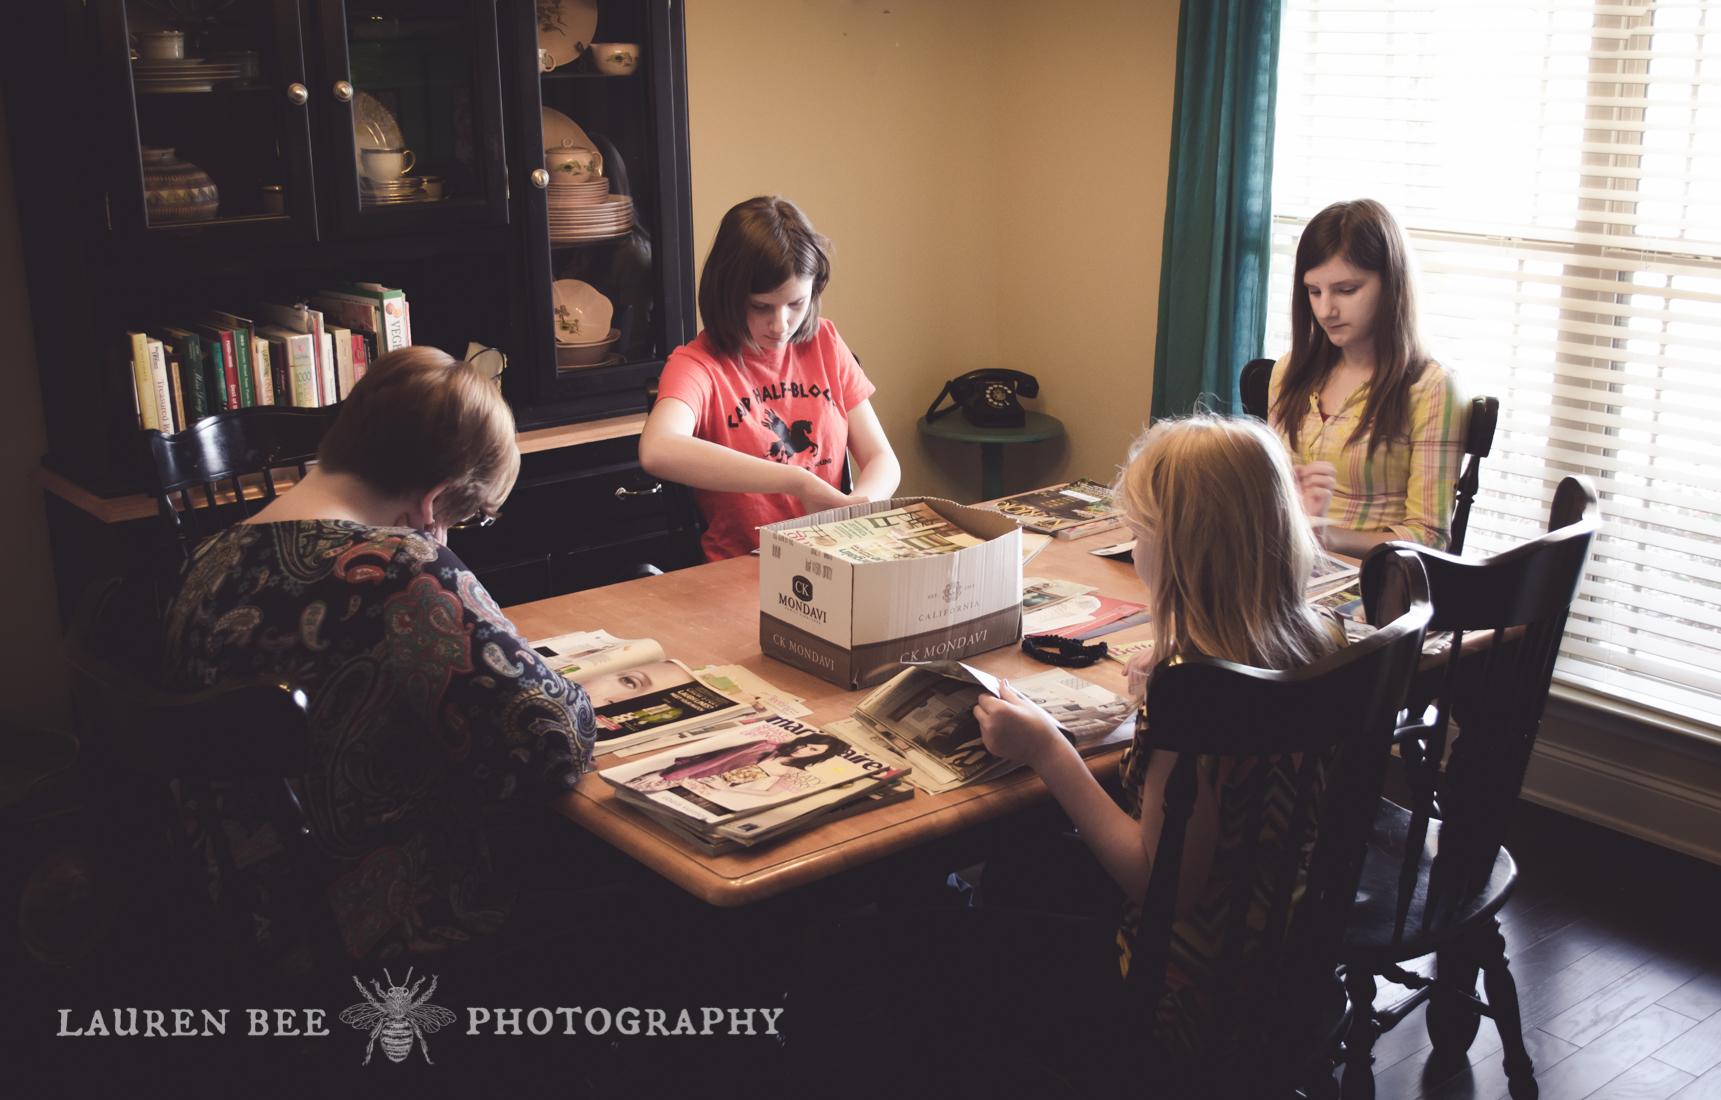 Lauren Bee Photography